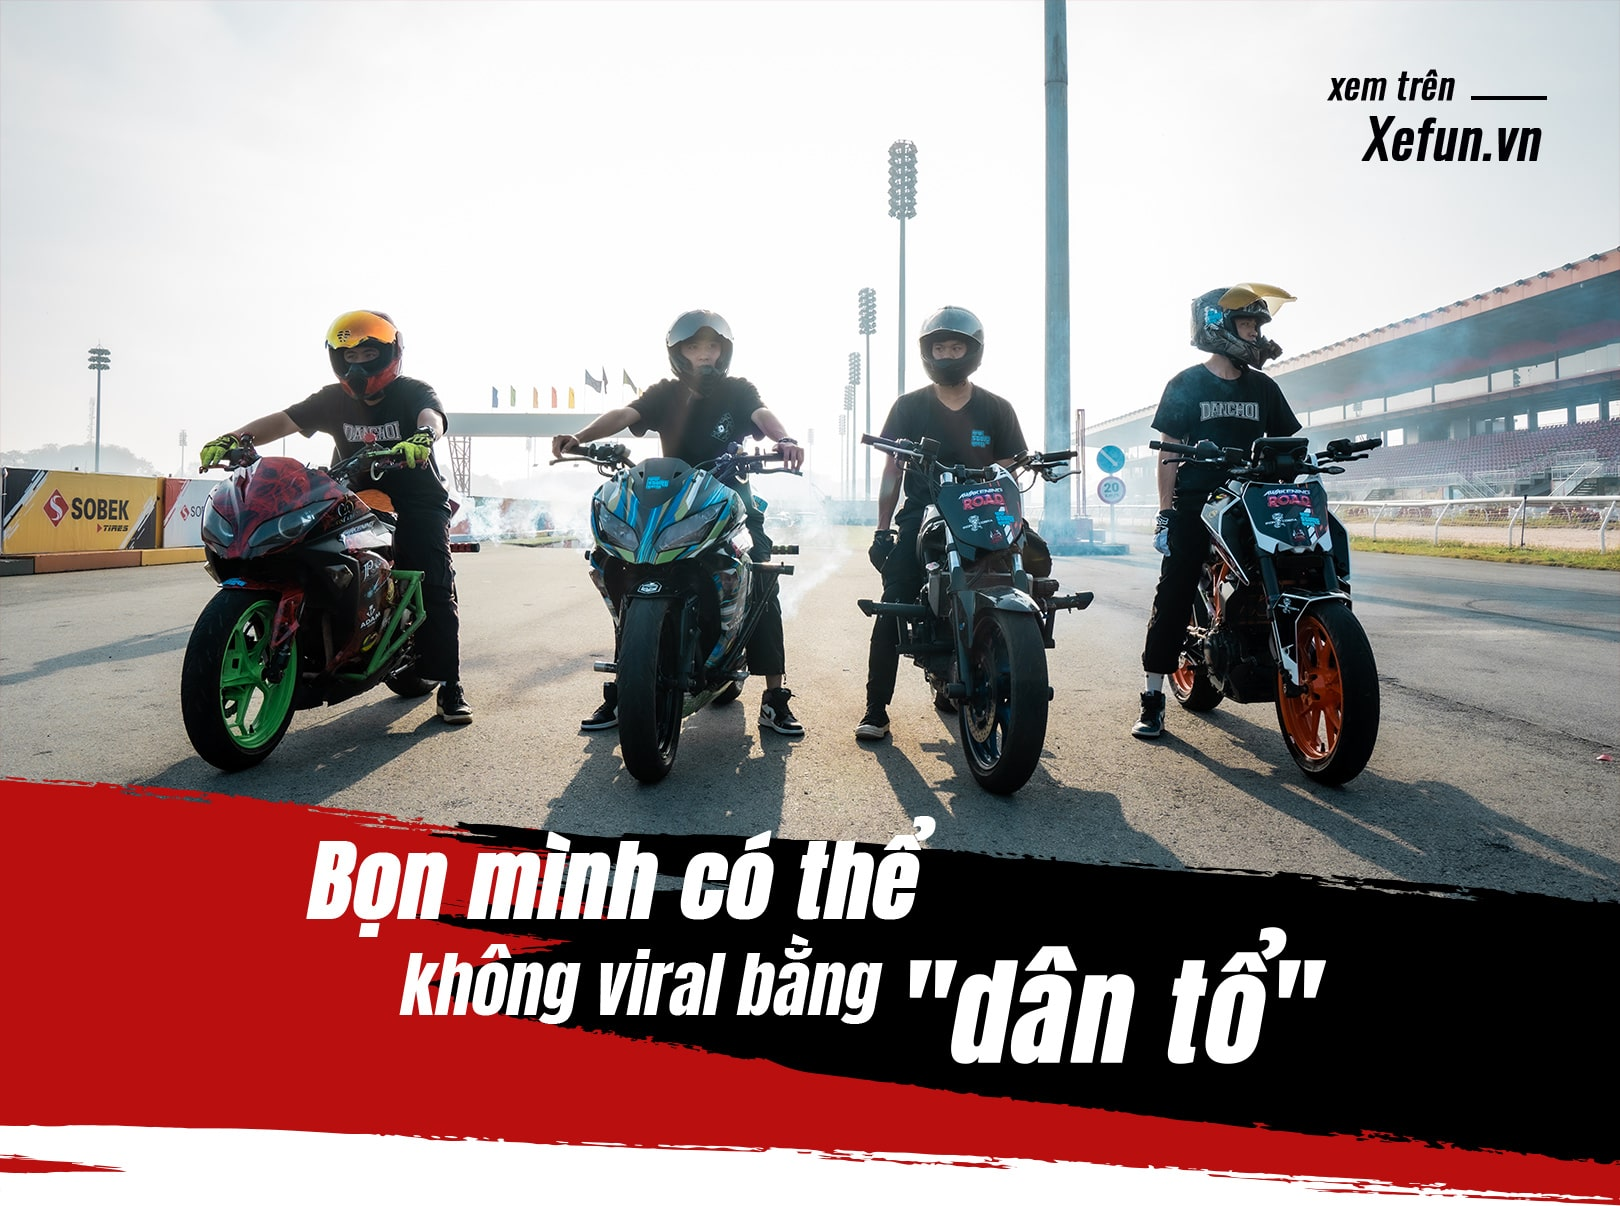 Hanoi Stunt Riders biểu diễn Trường đua Đại Nam giải đua Awakening road trên Xefun - 835t5y5